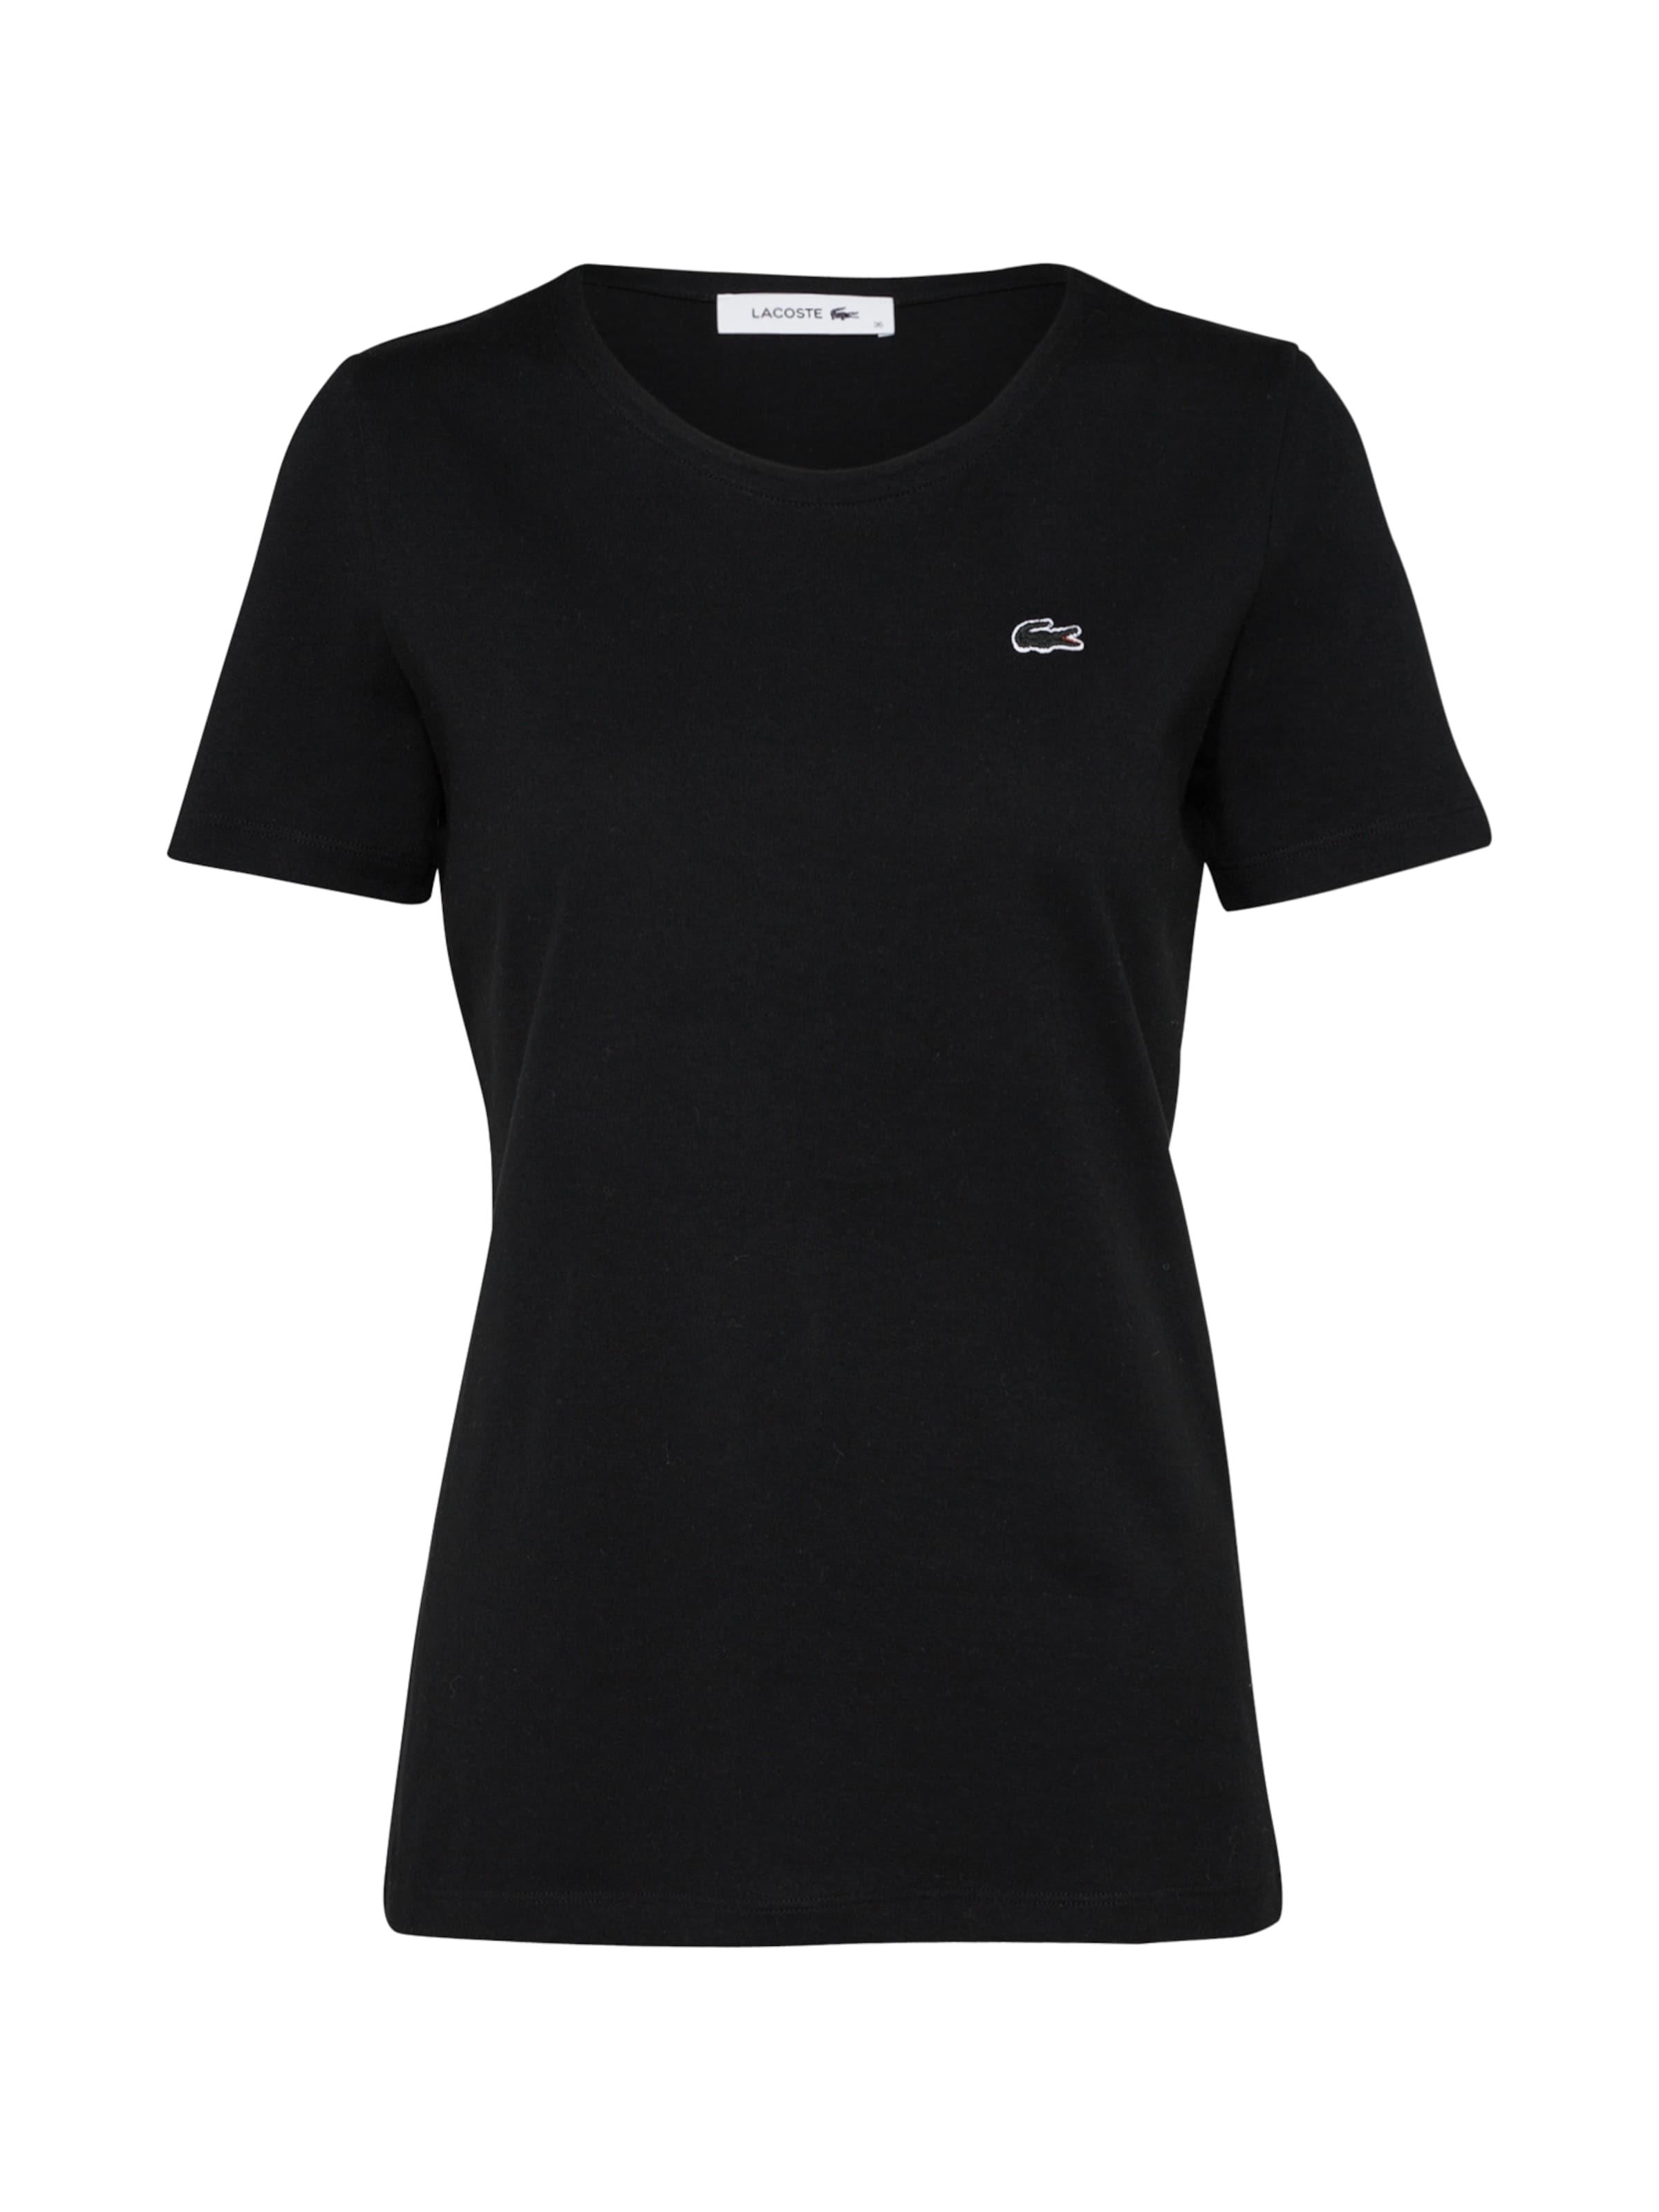 Lacoste En shirt Lacoste T Noir T shirt 3qA5R4jL